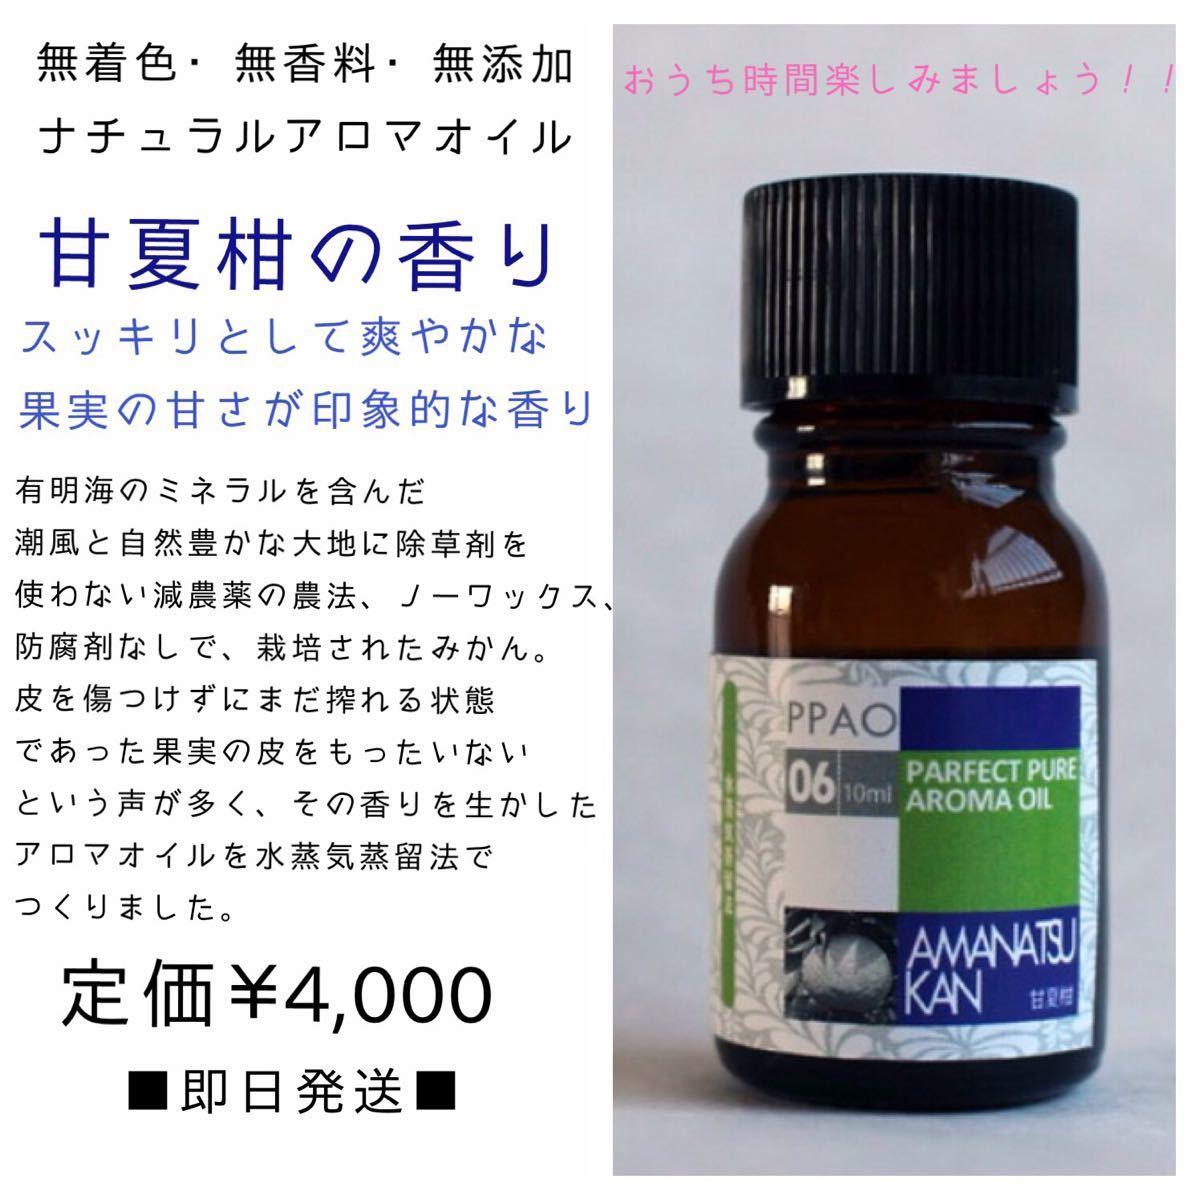 【新品未使用未開封】ナチュラルアロマオイル 甘夏柑 エッセンシャルオイル